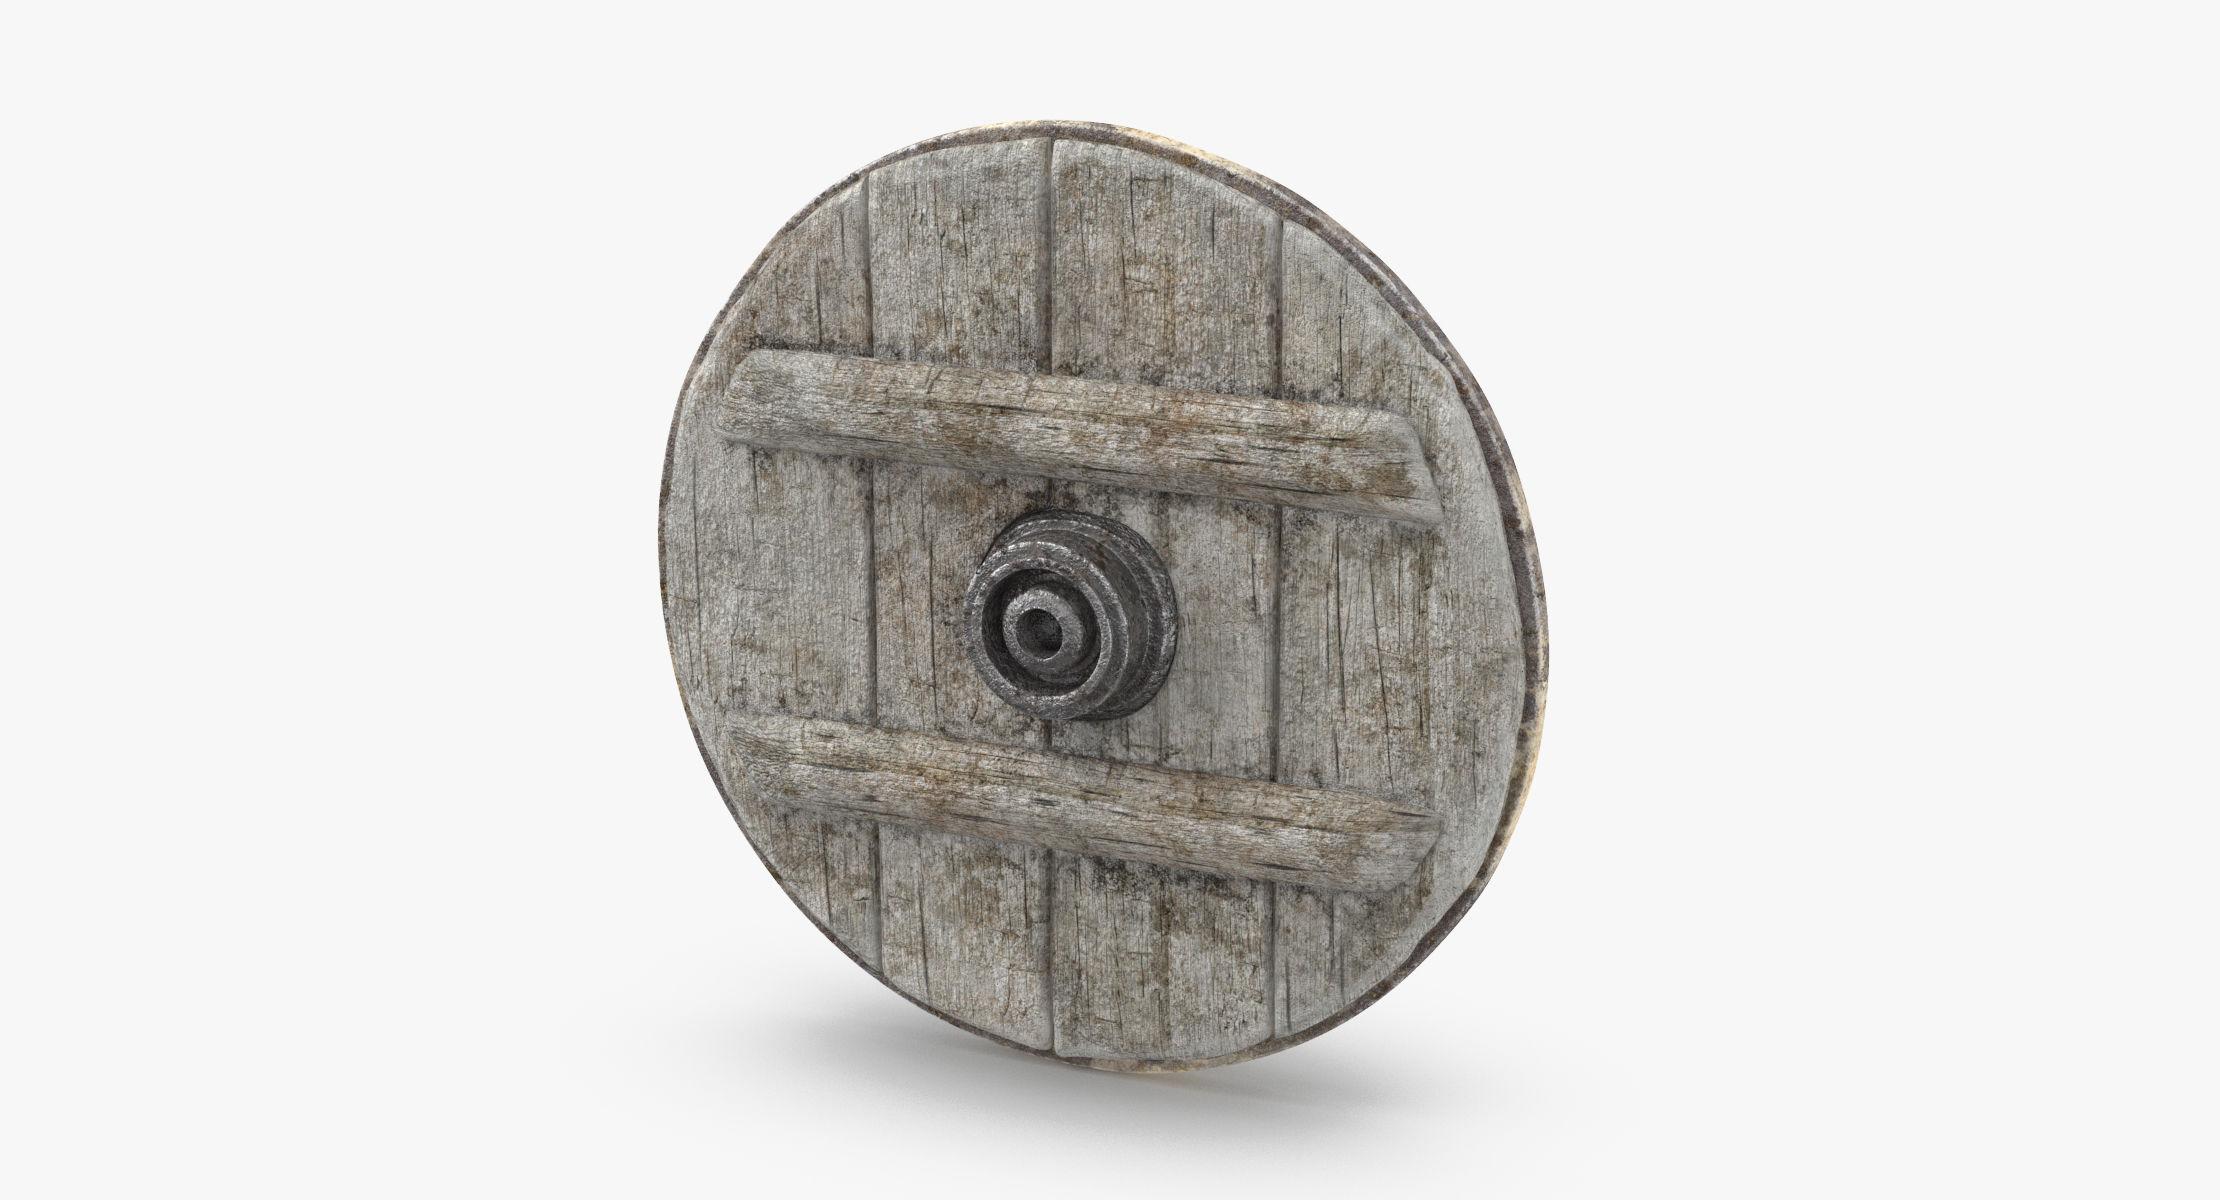 Wagon Wheel - reel 1